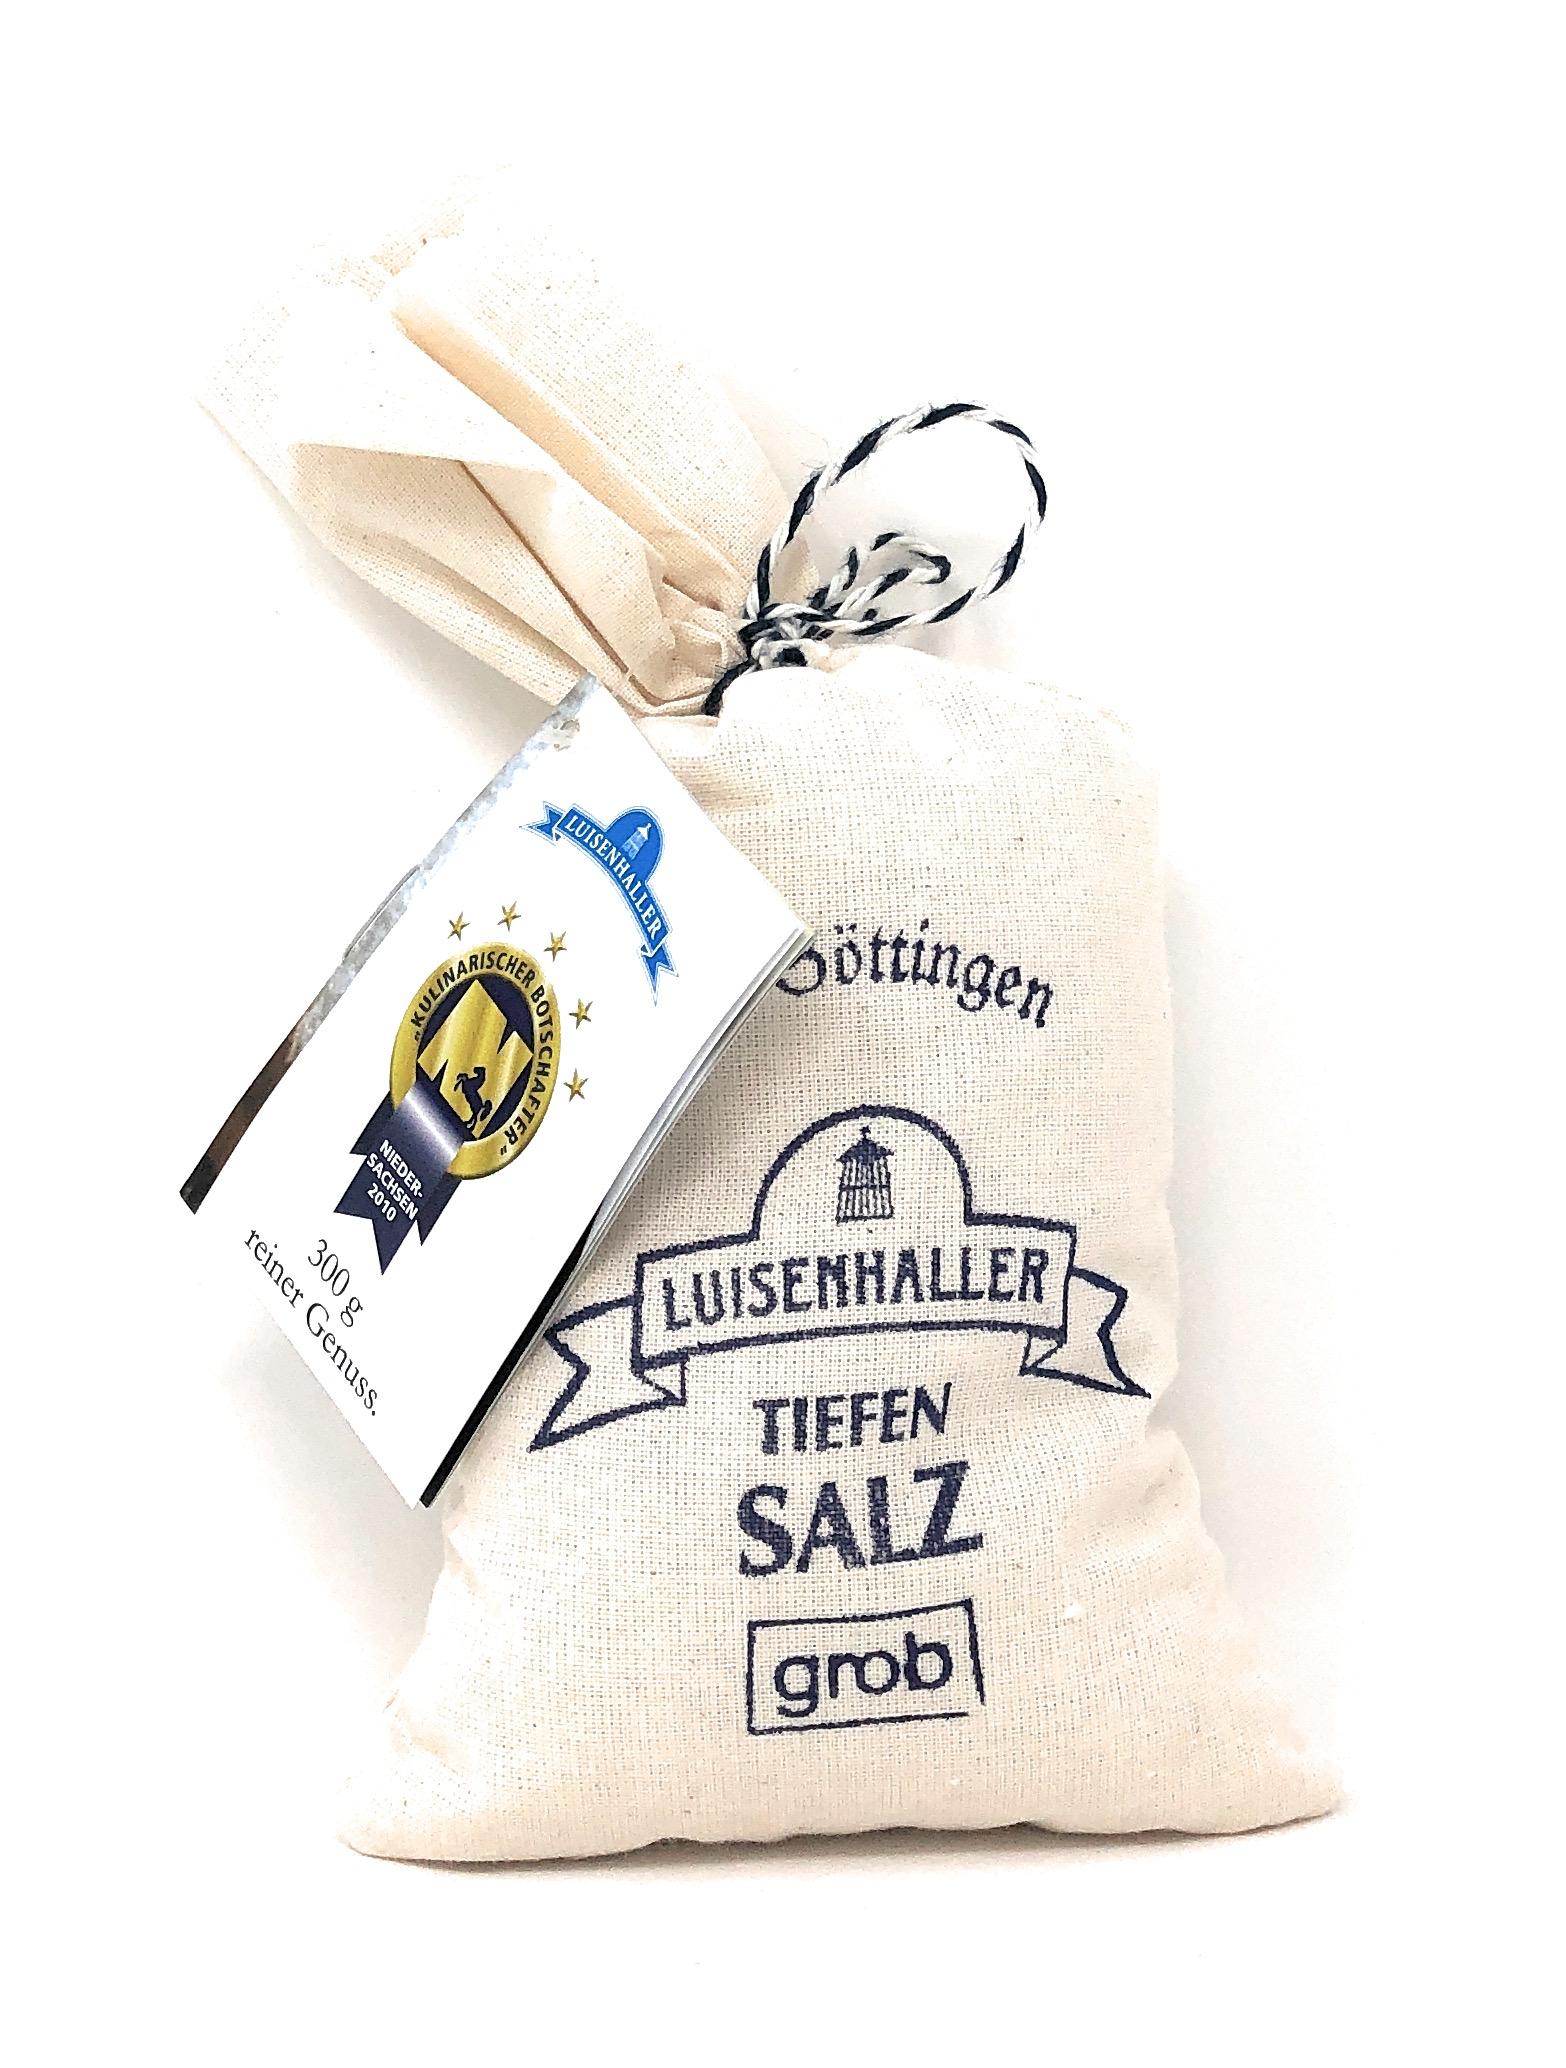 Saline Luisenhall Luisenhaller® Tiefensalz Grob im Leinensäckchen 300g